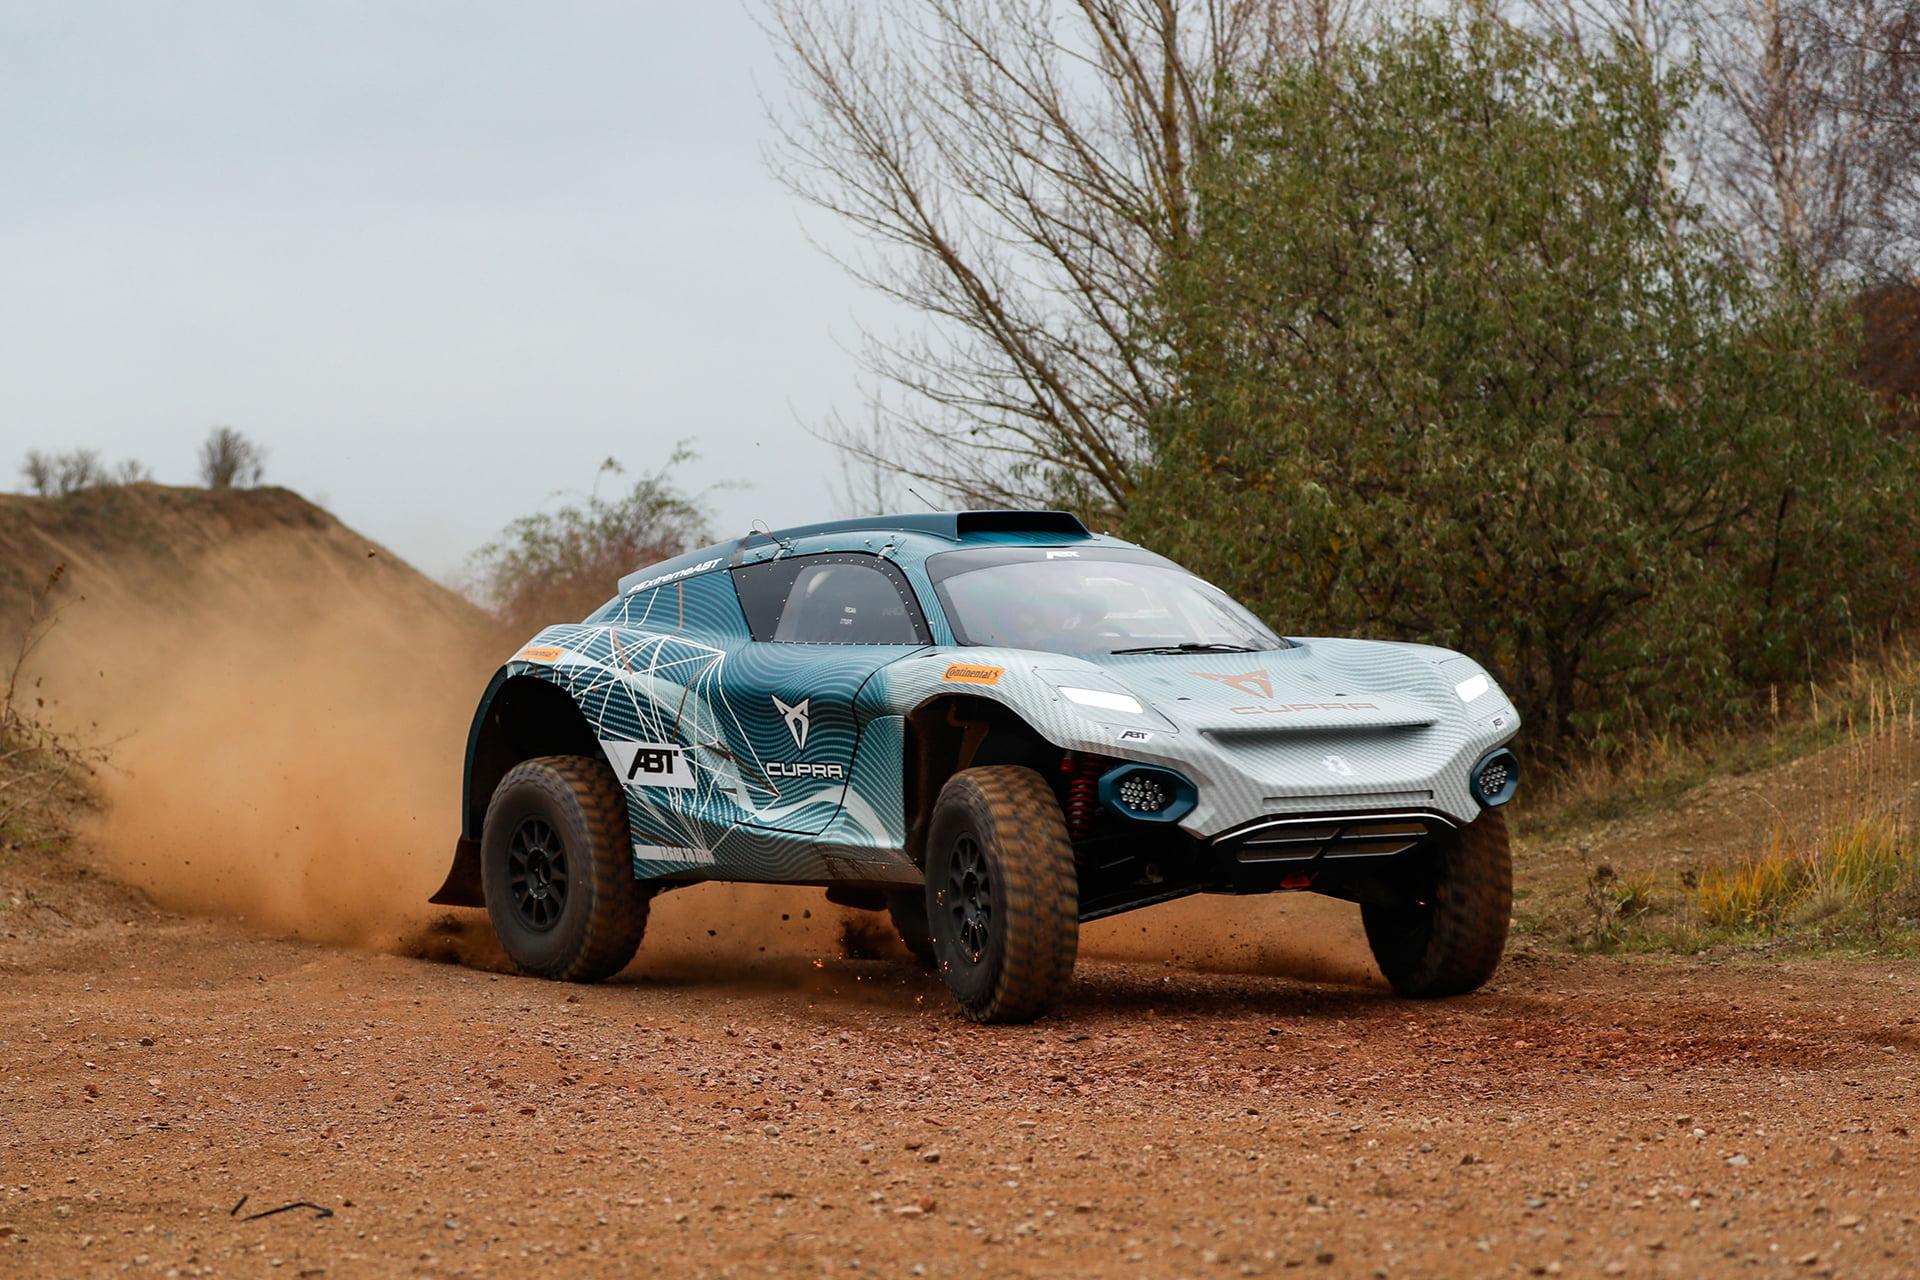 El e-CUPRA ABT XE1 va a competir en 2021